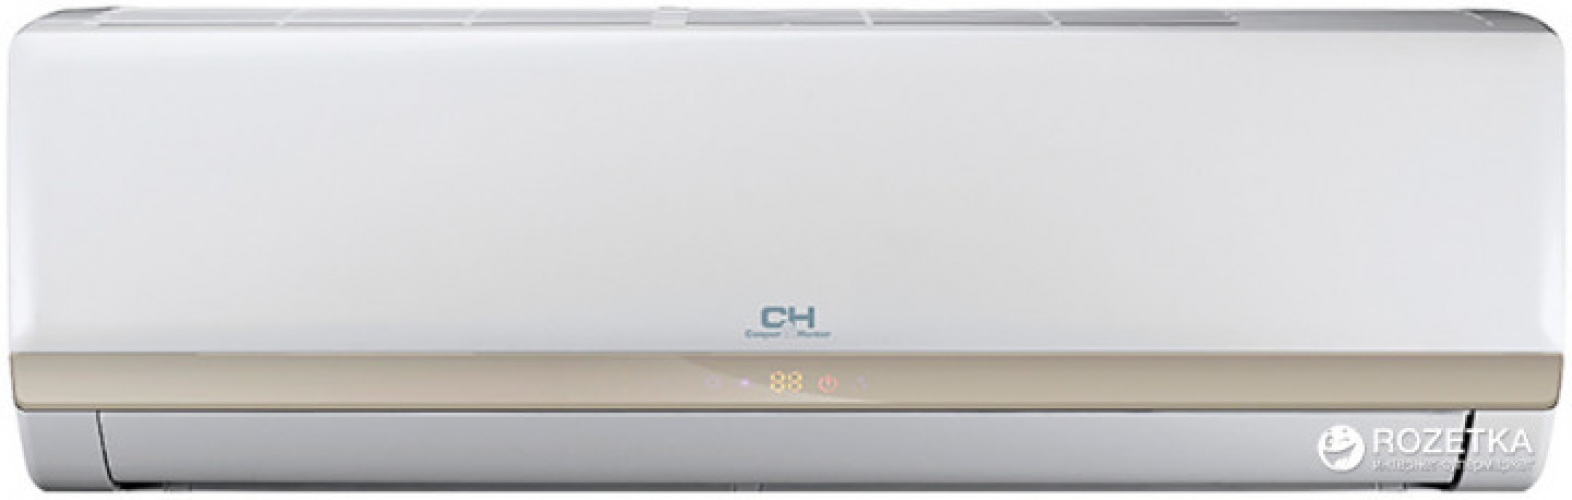 Кондиционер COOPER&HUNTER CH-S18RX7